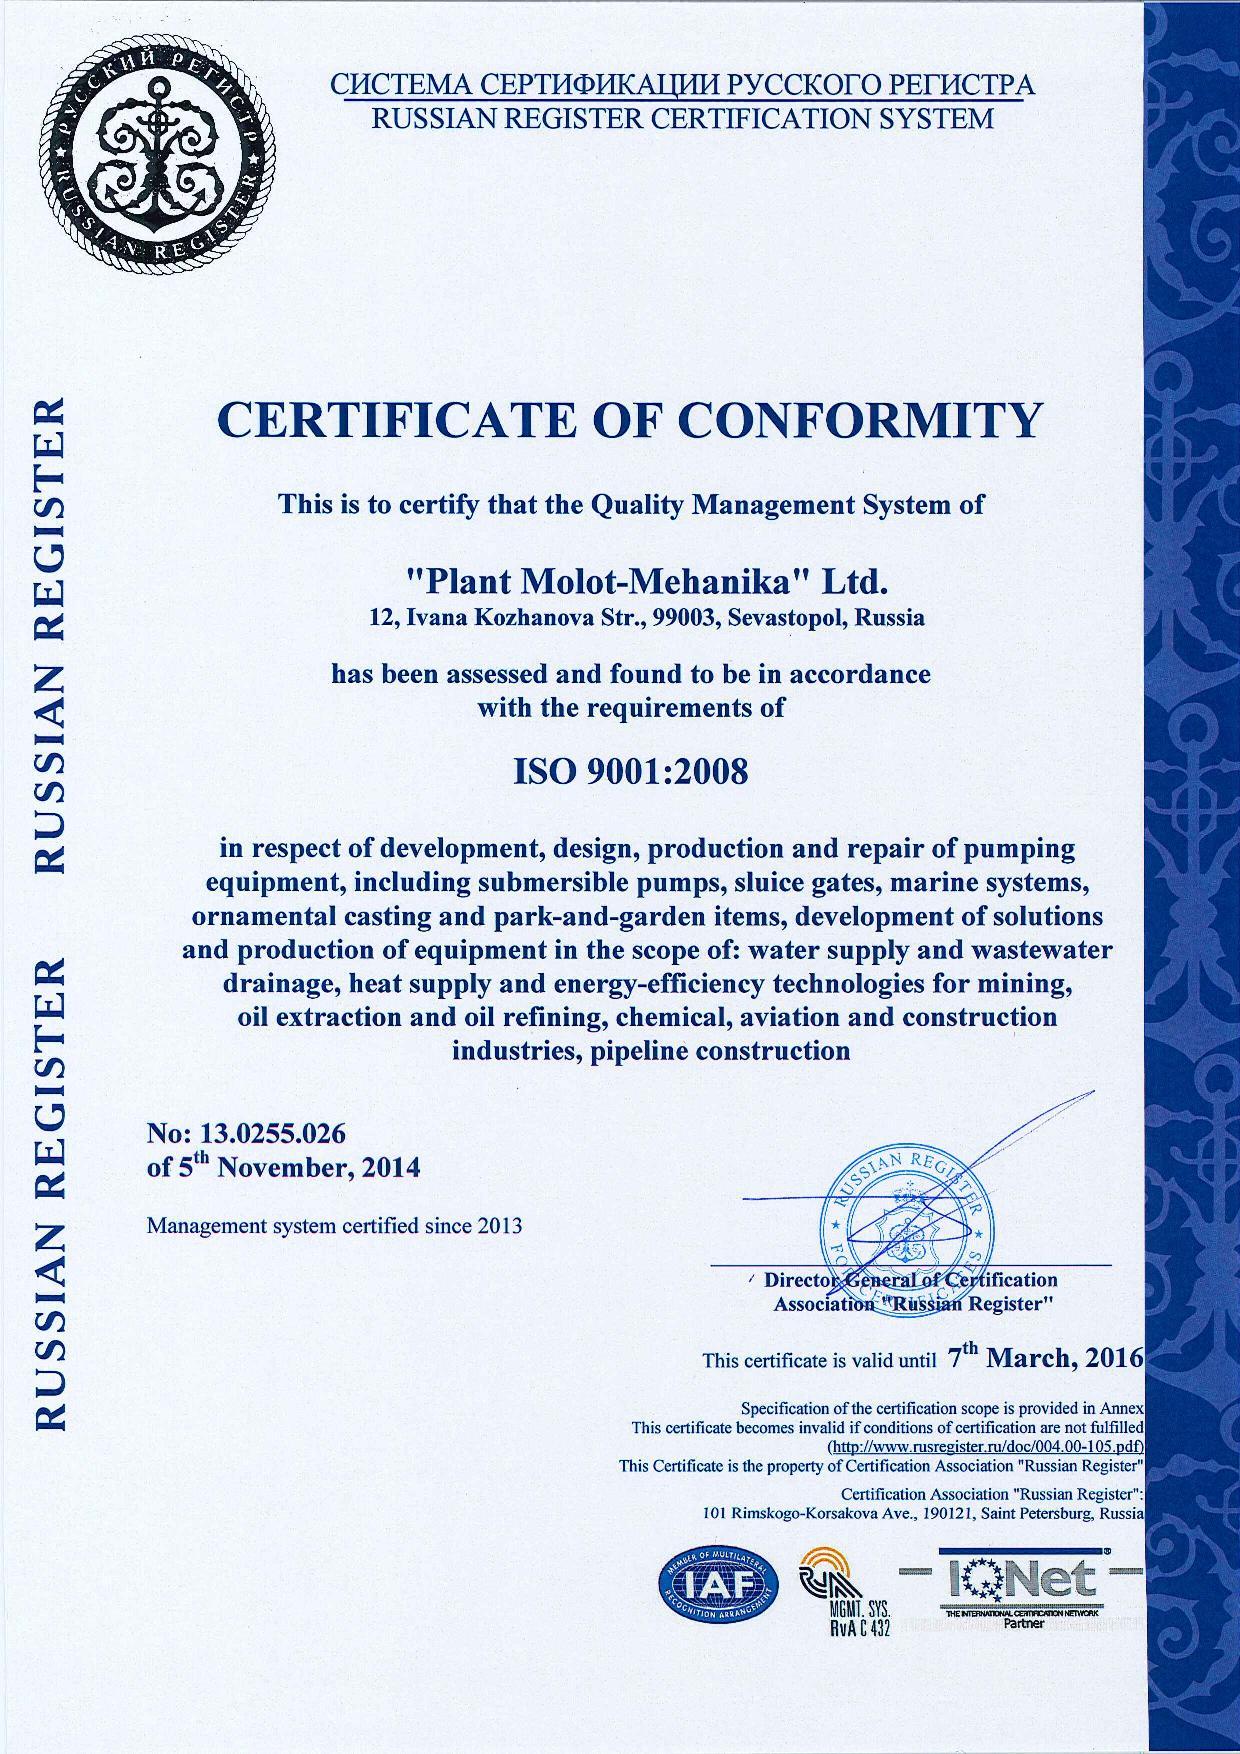 исо 9001-2008 3